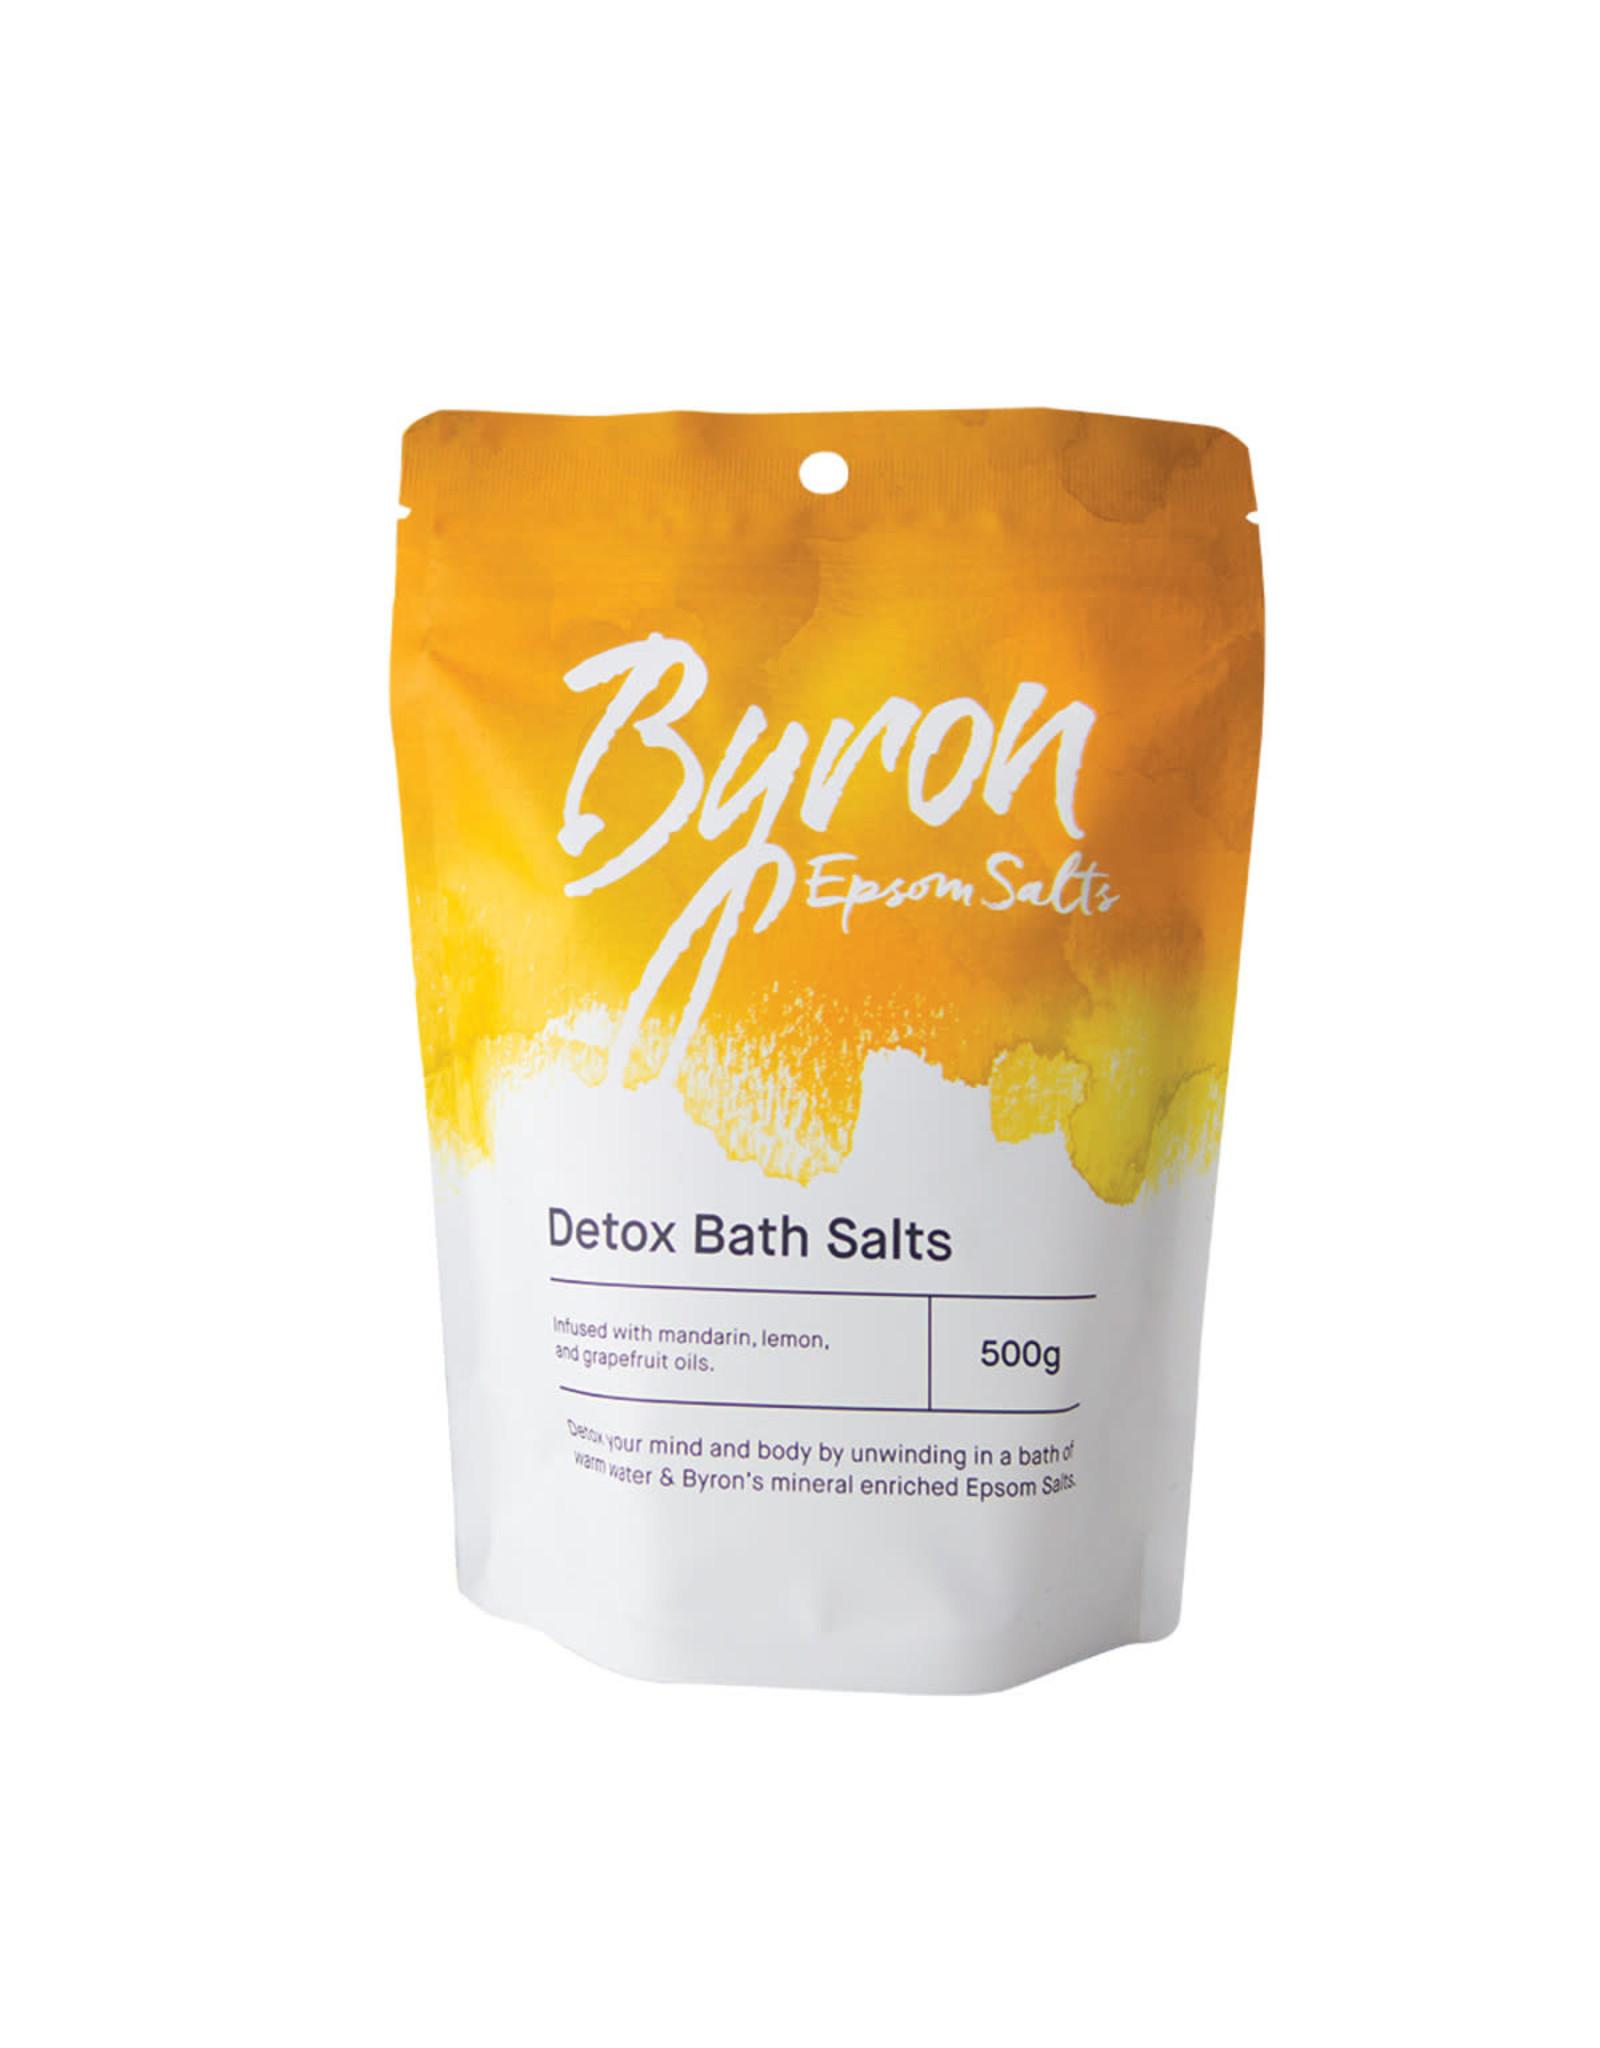 Byron Bath Salts Detox Bath Salts 500g